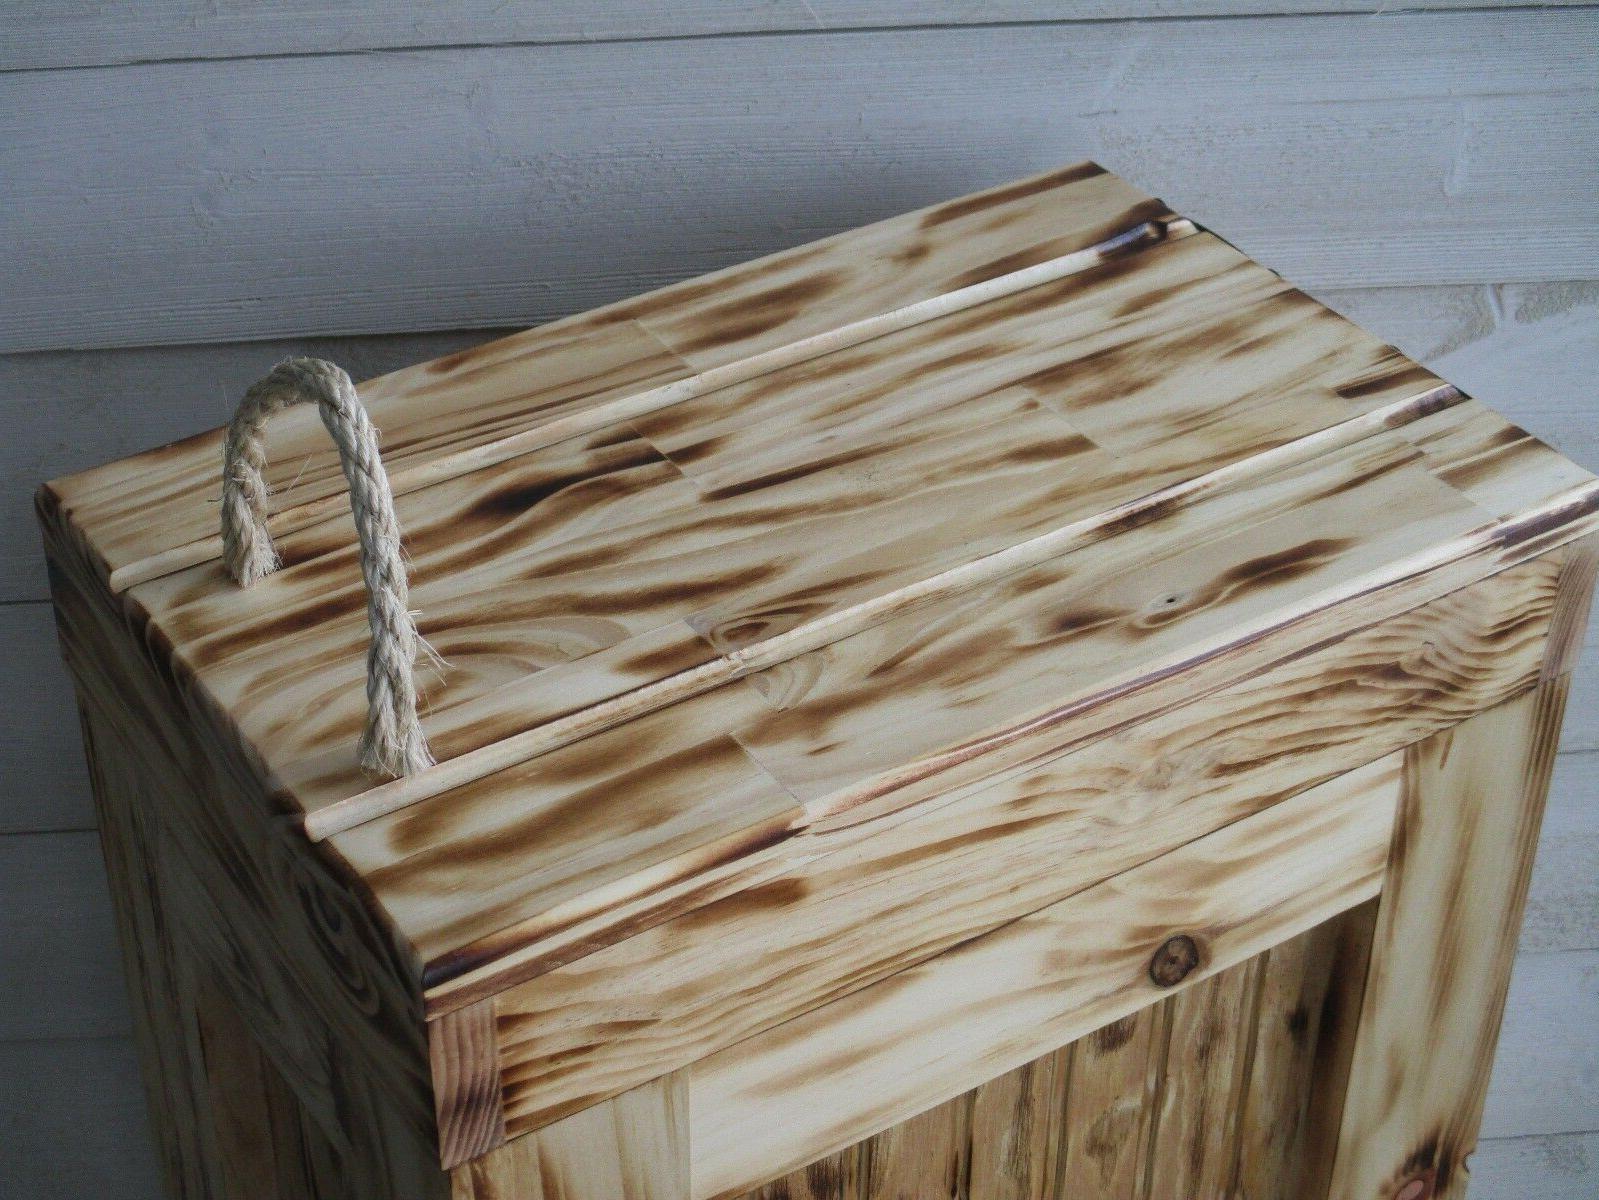 Wood Trash Kitchen Garbage Trash Bin ROPE